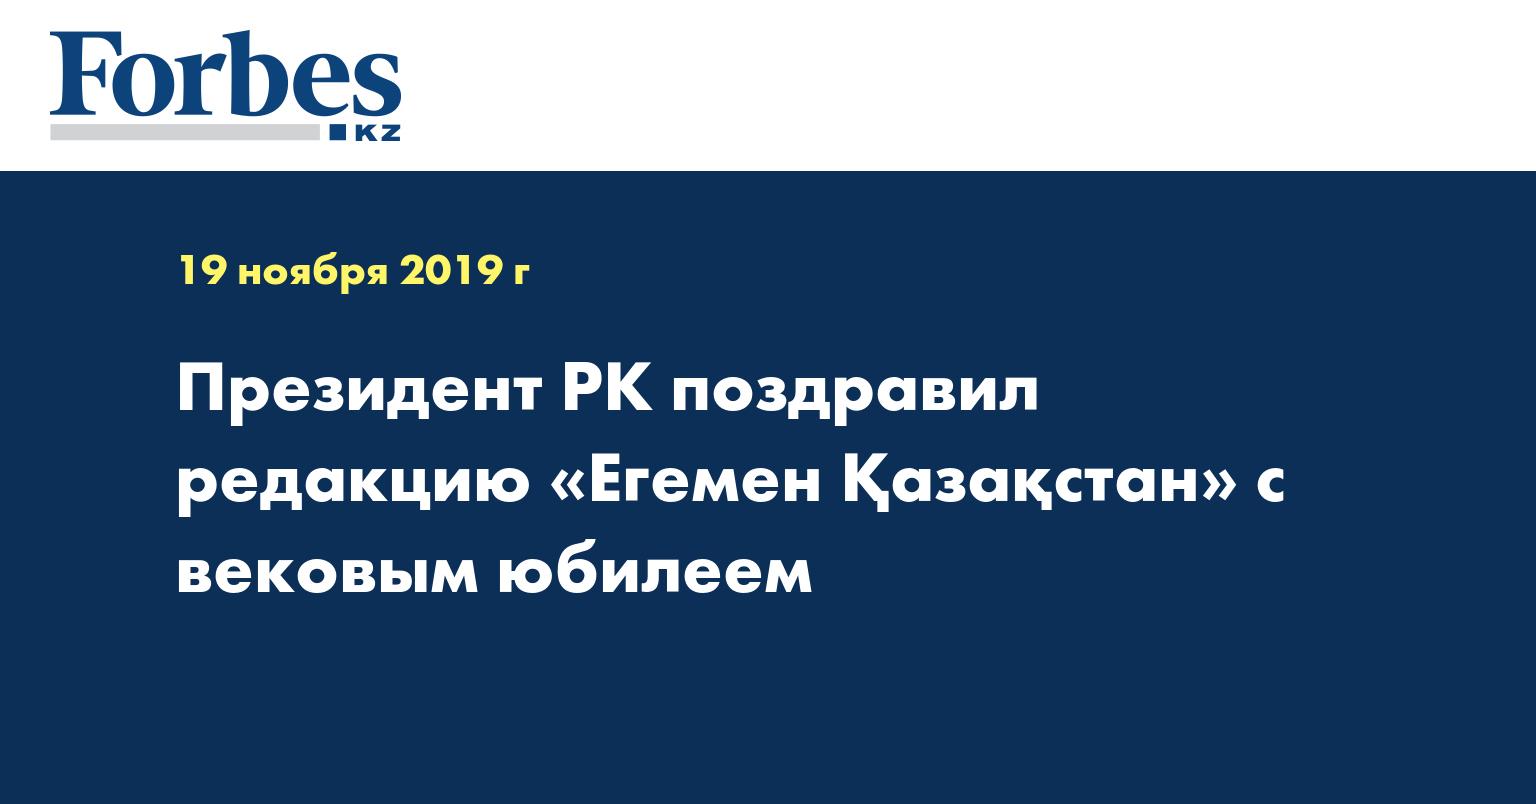 Президент РК поздравил редакцию «Егемен Қазақстан» с вековым юбилеем